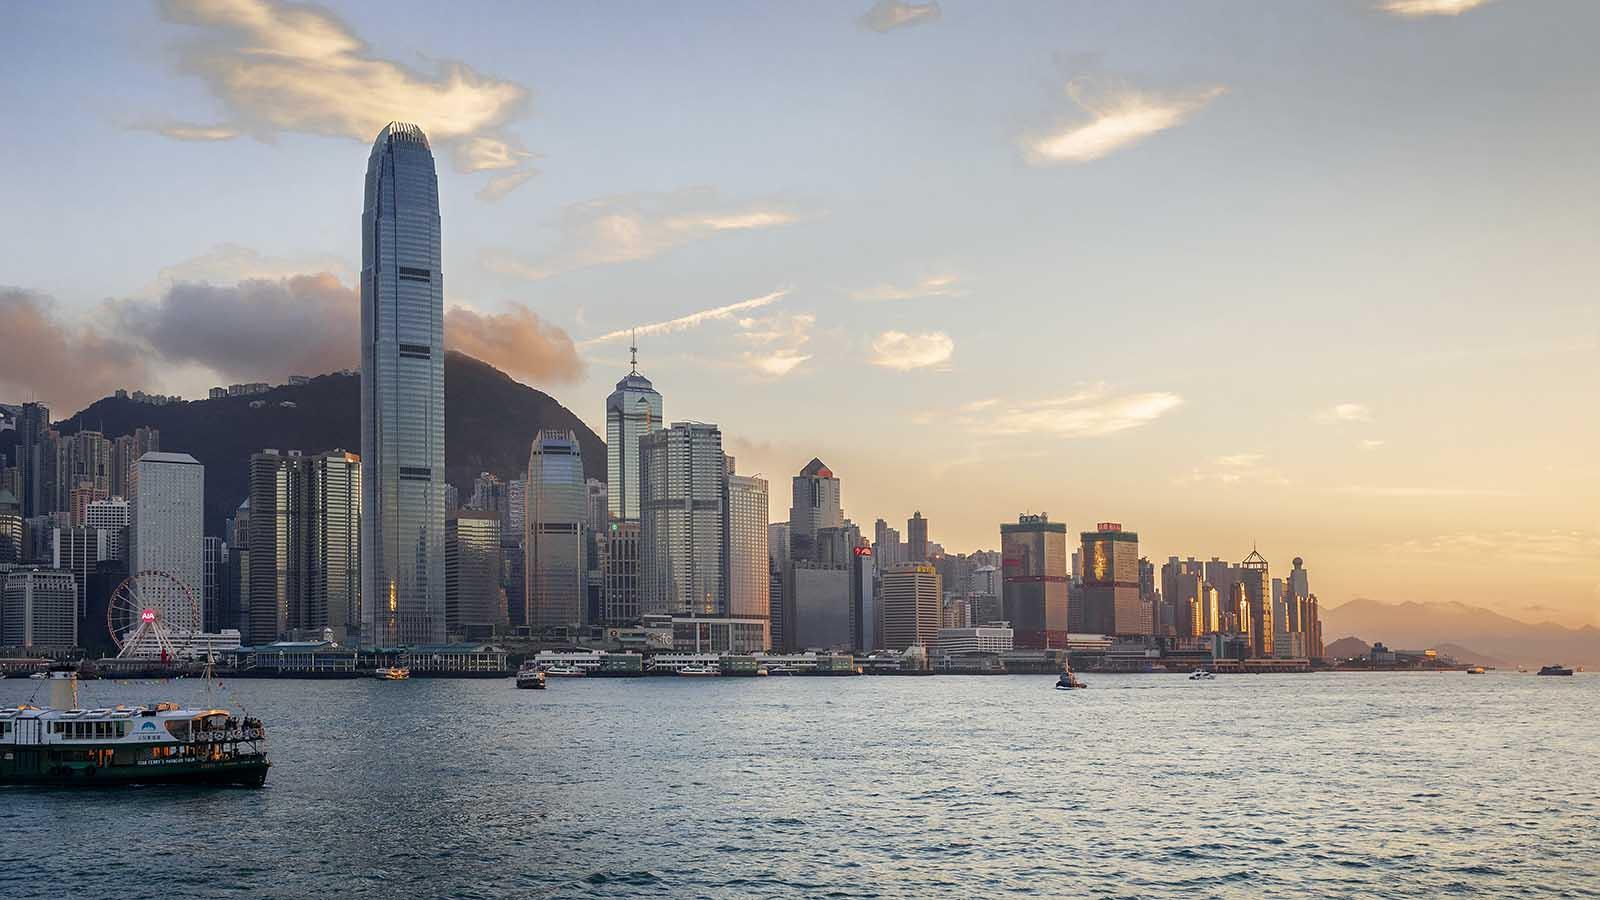 HK skyline1600x900